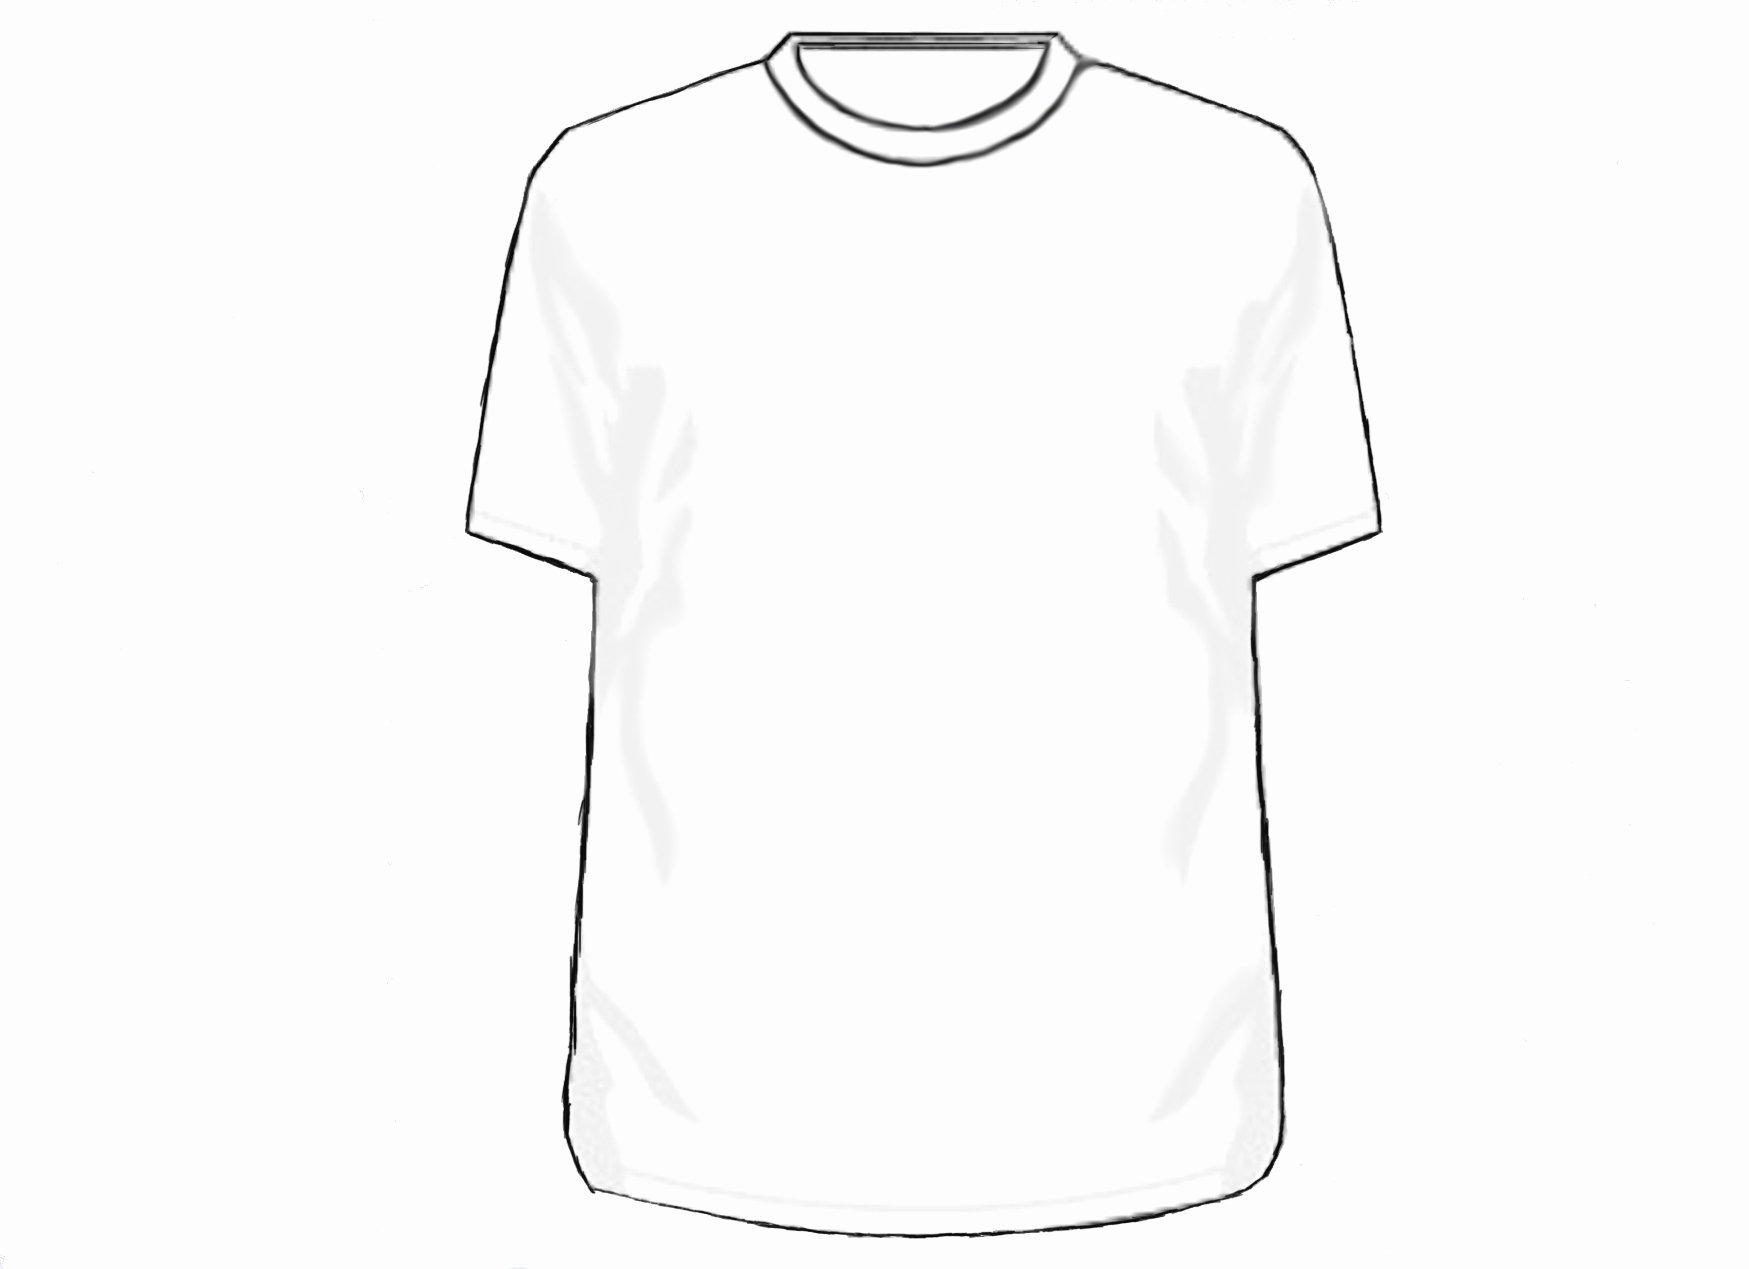 Shirt Design Template